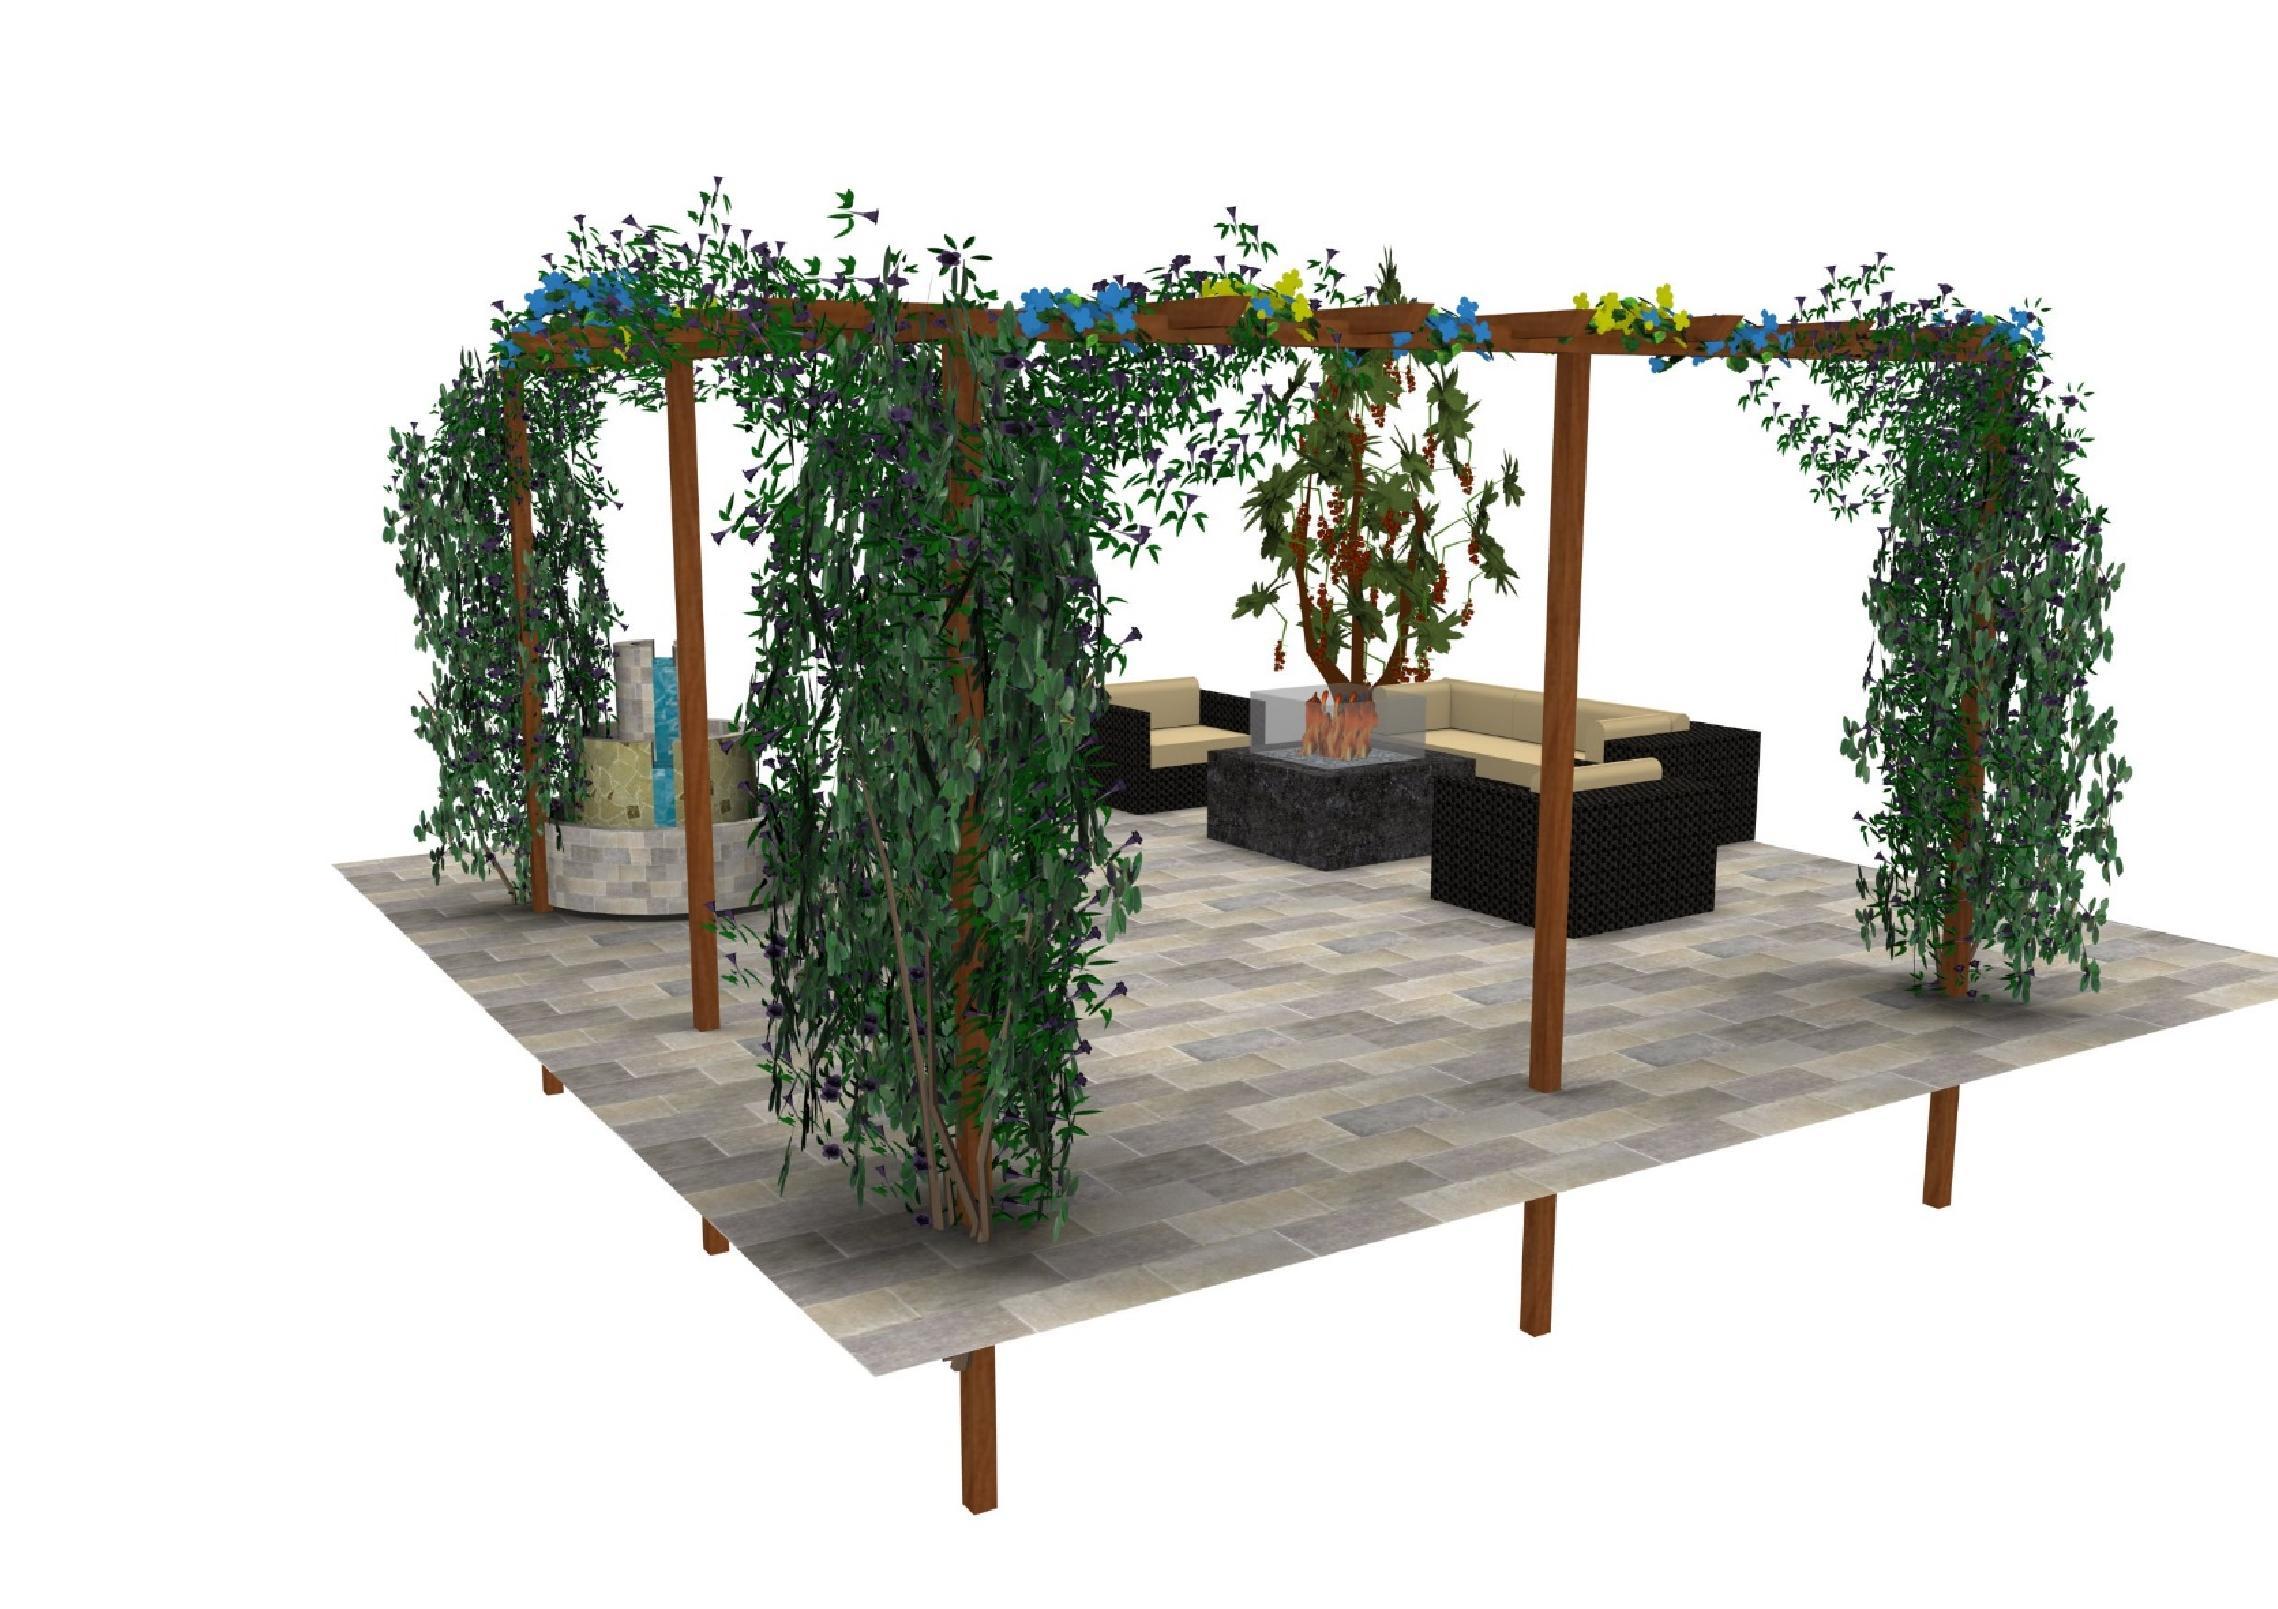 Stappenplan pergola plaatsen ultimate wood - Bedekking voor pergola ...